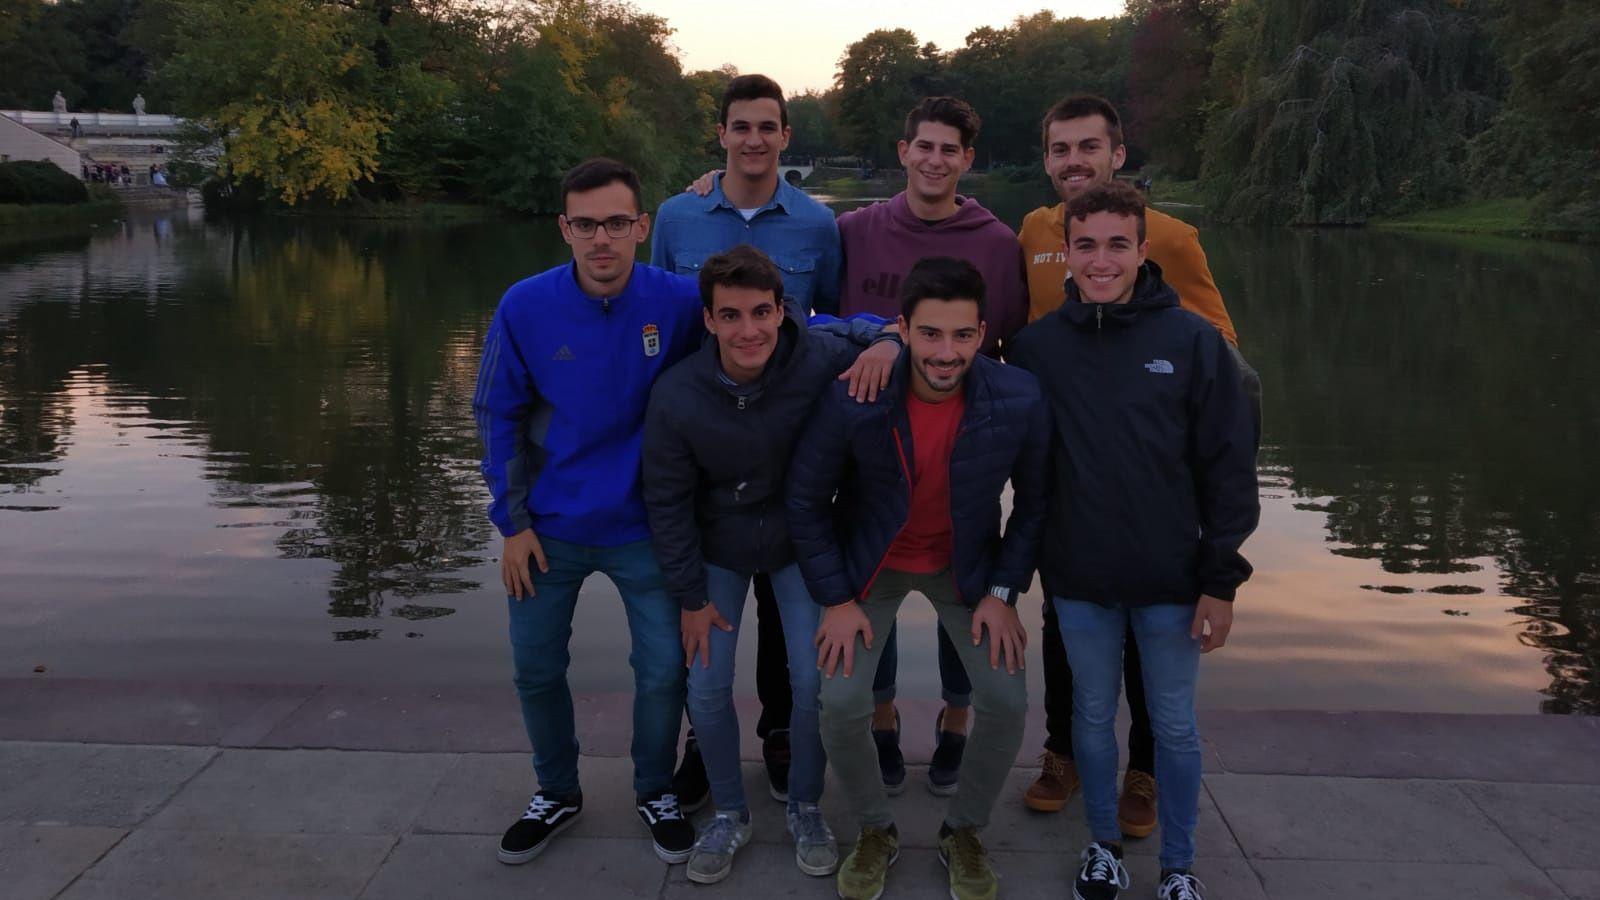 Video promocional del servicio de cardiología del Hula para captar a interesados en hacer el MIR.Carlos Castaño (en el medio de la foto en la fila de arriba) junto a más Erasmus españoles en el parque Lazienki de Varsovia